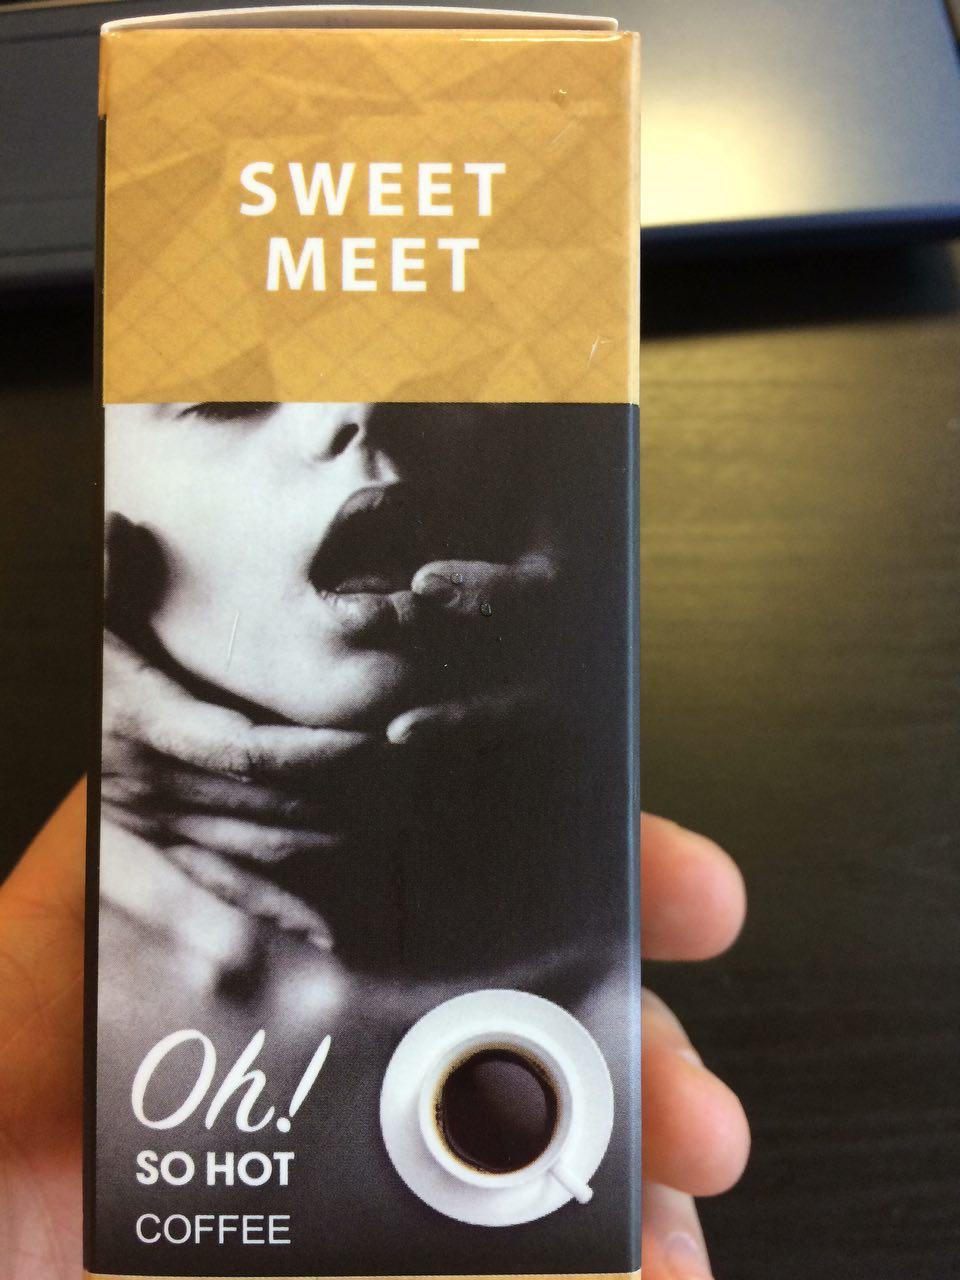 Sweet Meet кофе - Хорошее возбуждающее средство для женщин Sweet Meet с кофе